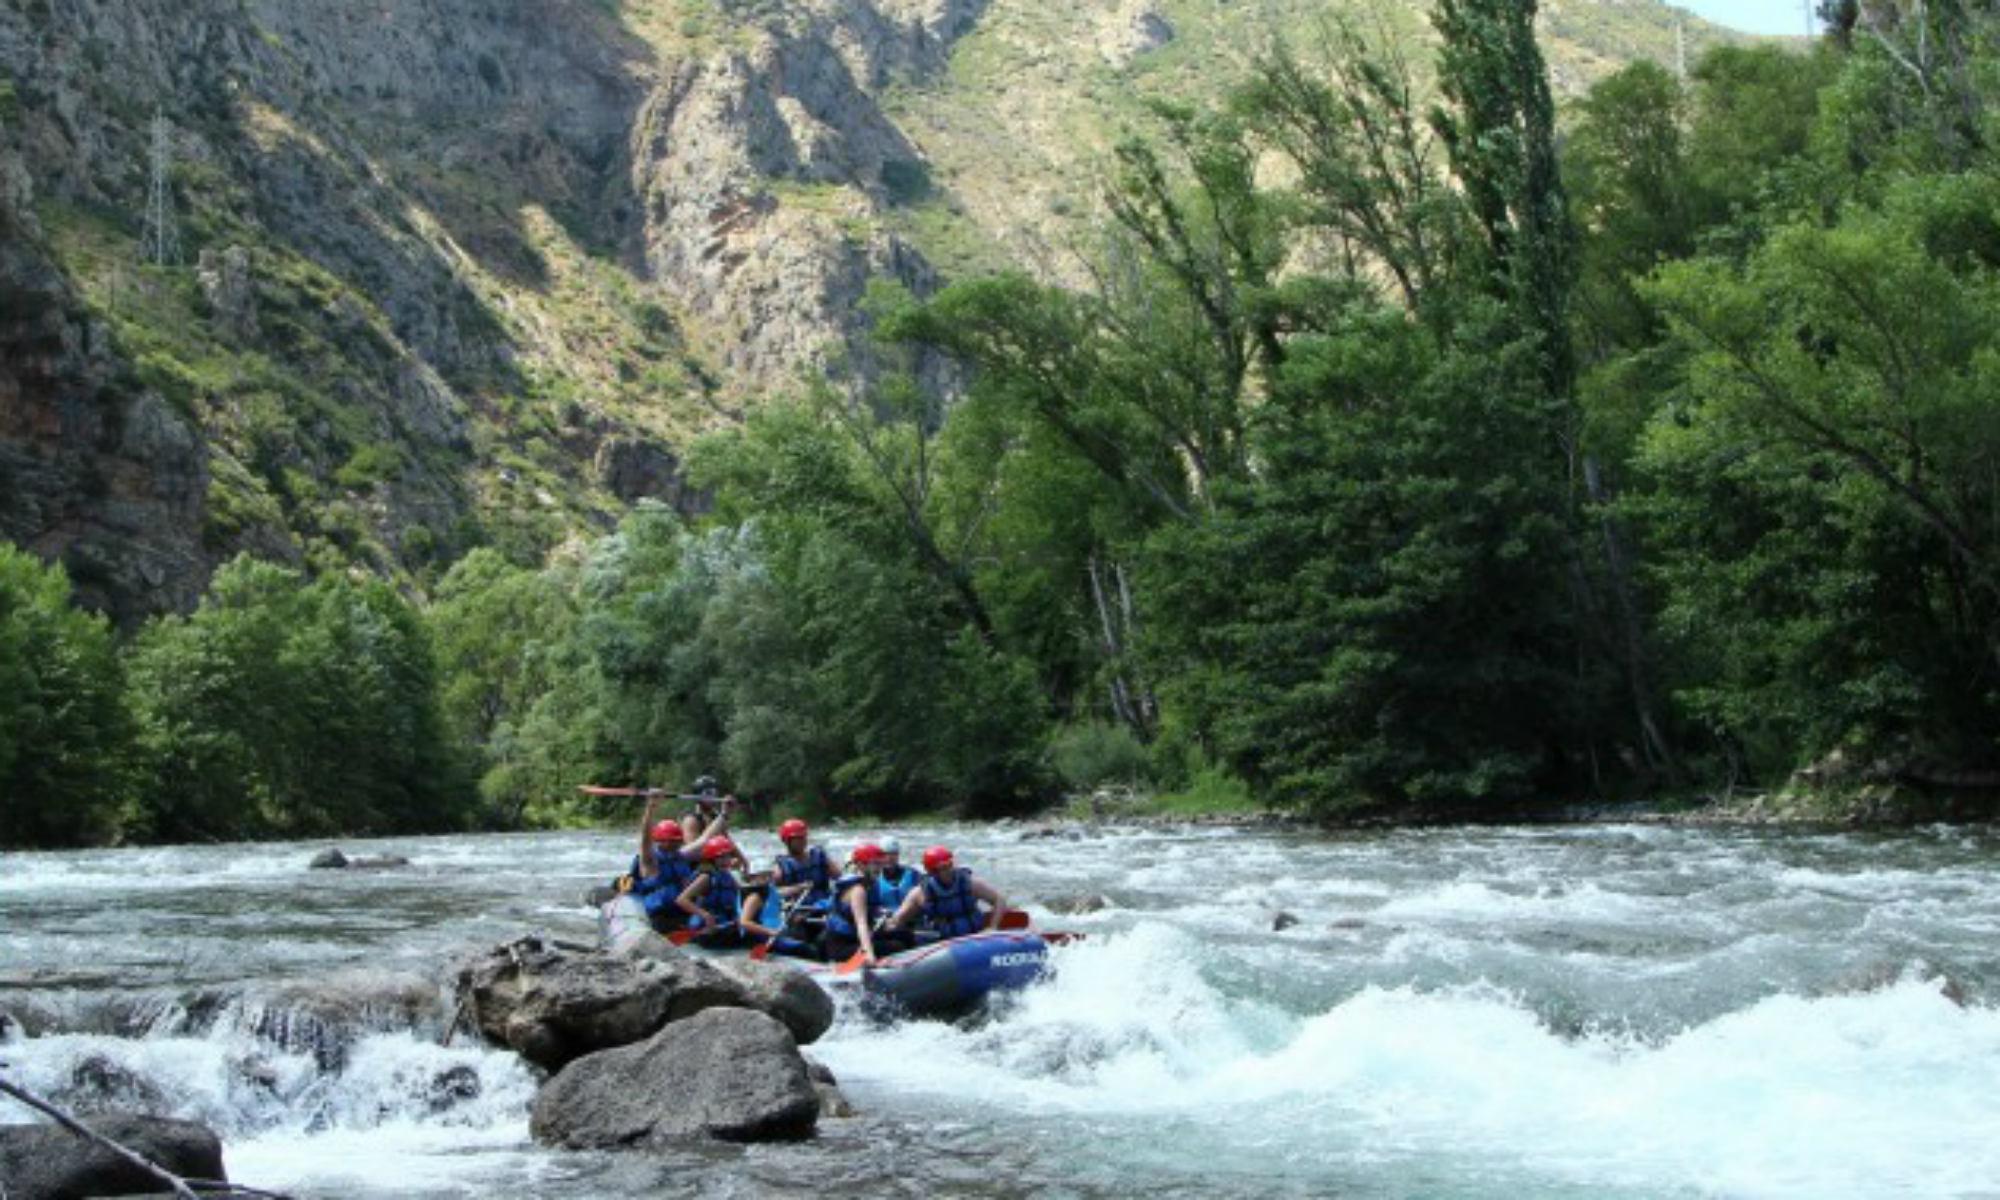 Un raft dans les rapides de la Noguera Pallaresa.